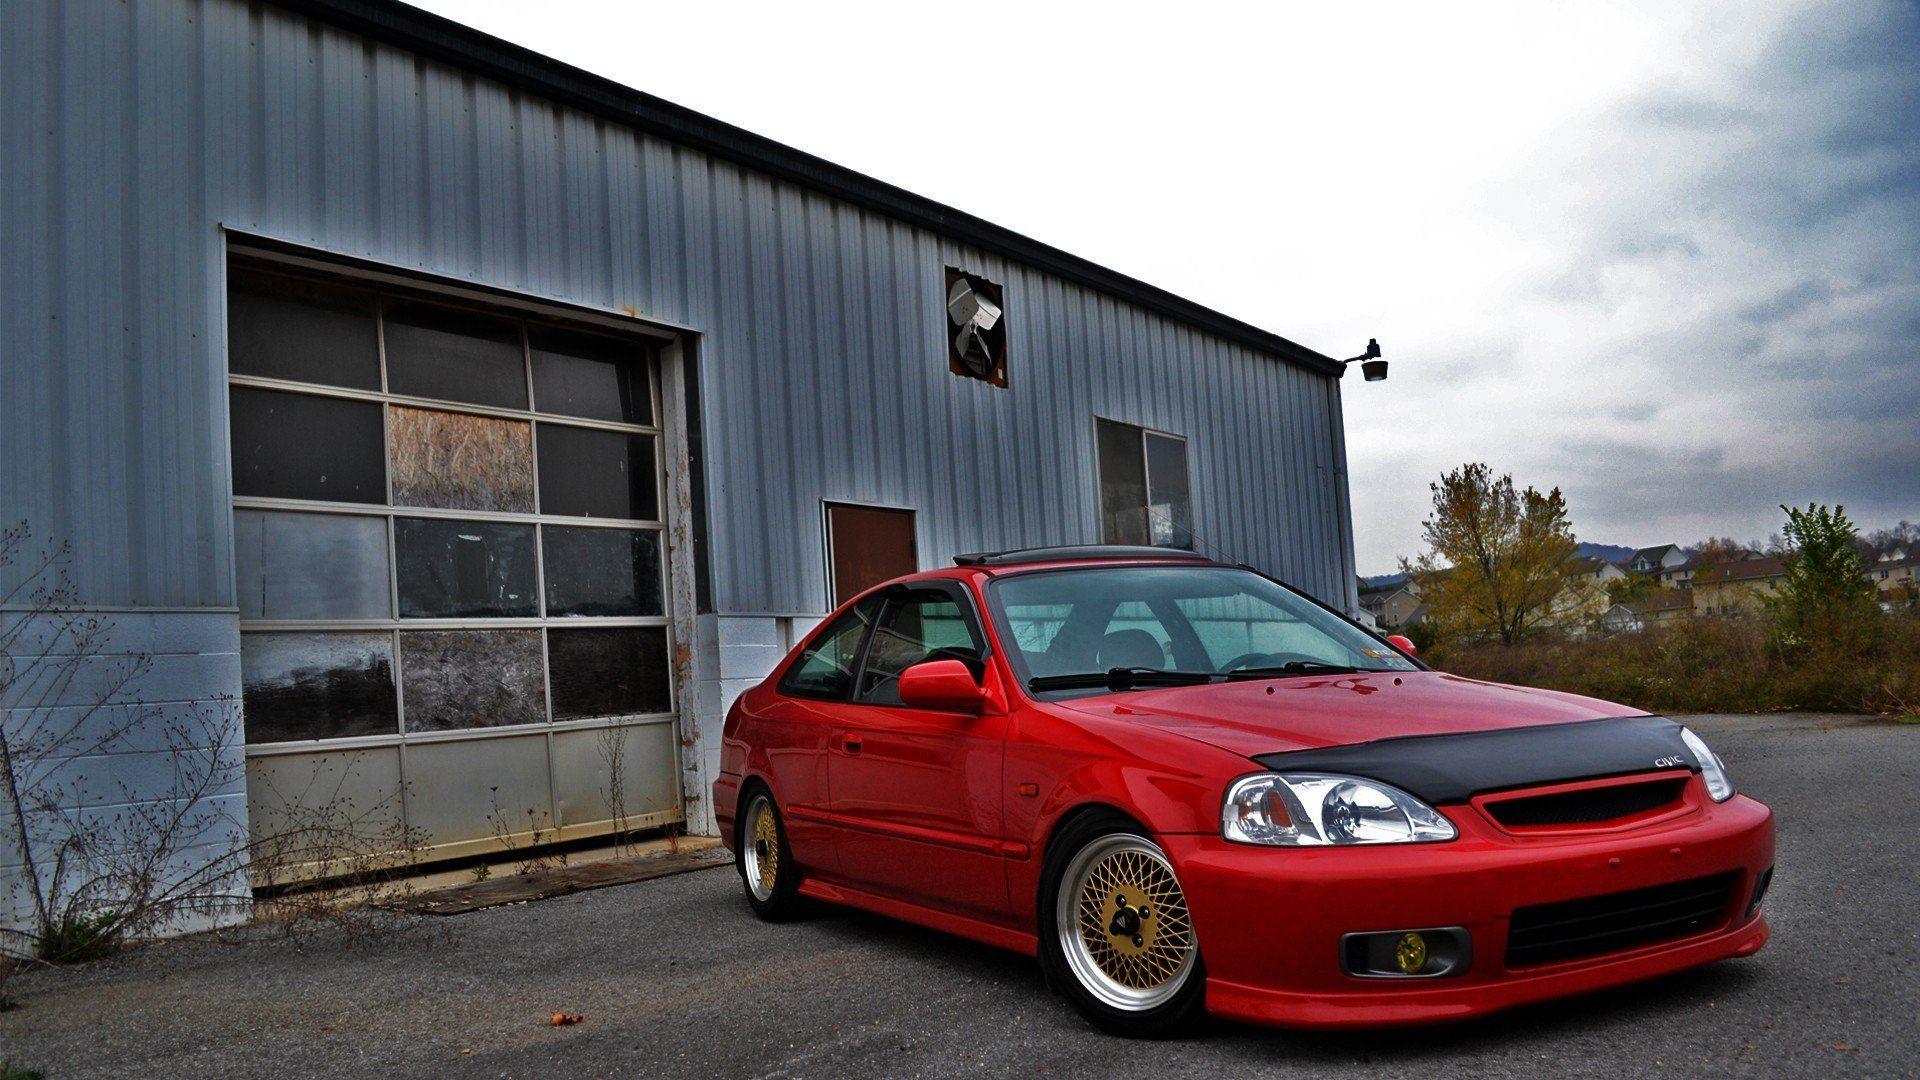 Honda Civic Jdm Wallpaper iPhone – image #108